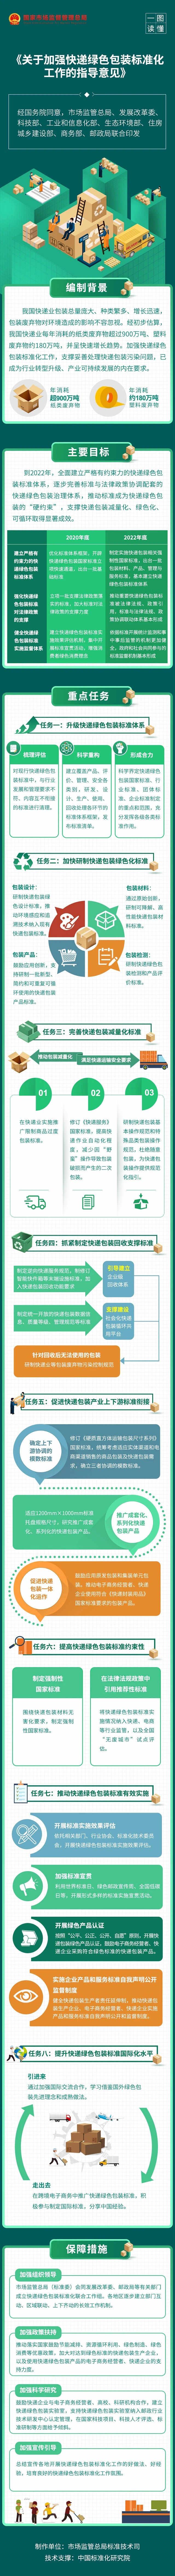 《【恒达娱乐登陆注册】八部门:全面建立严格有约束力的快递绿色包装标准体系》